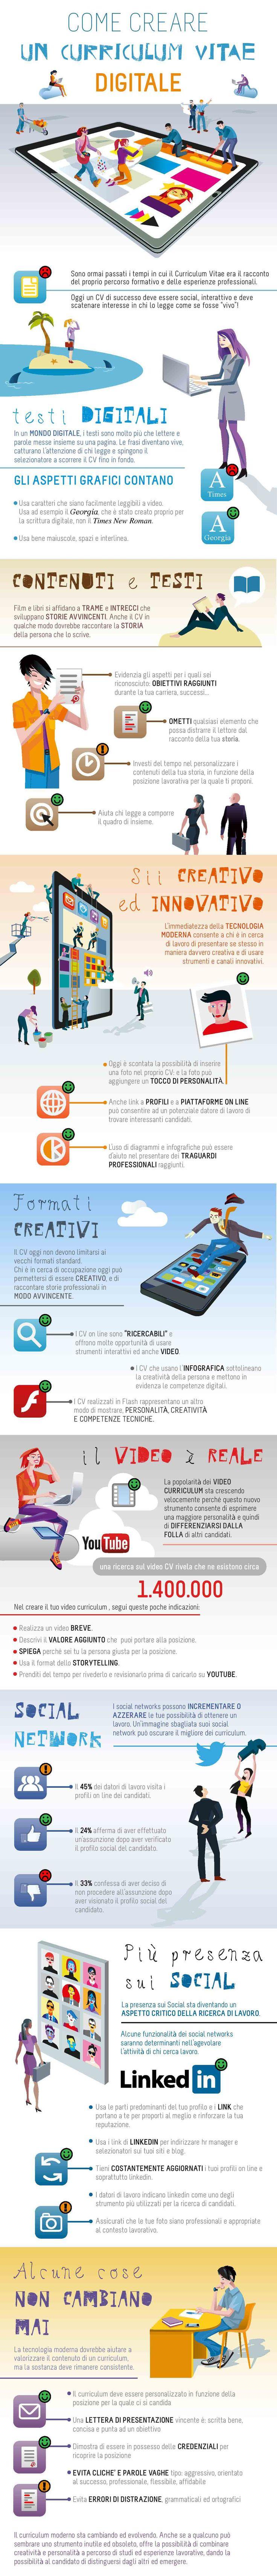 Da Man Power un'infografica che spiega come creare un curriculum vitae digitale.